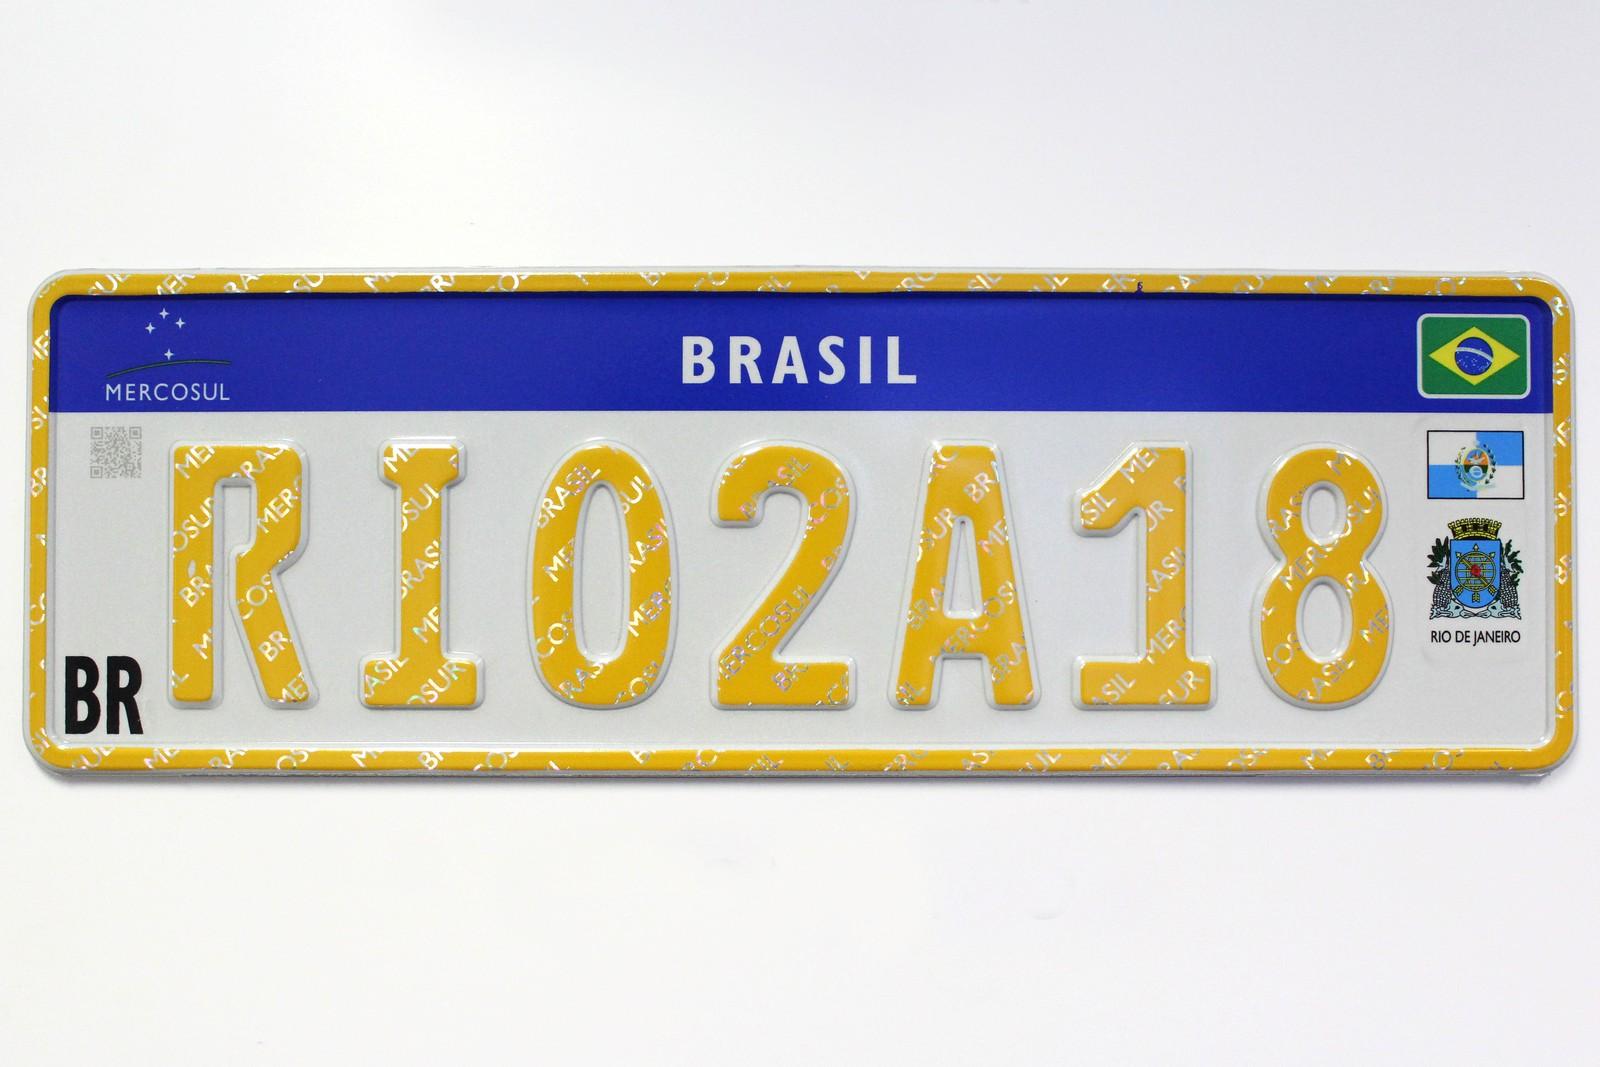 Placa Mercosul homenageará o Rio de Janeiro